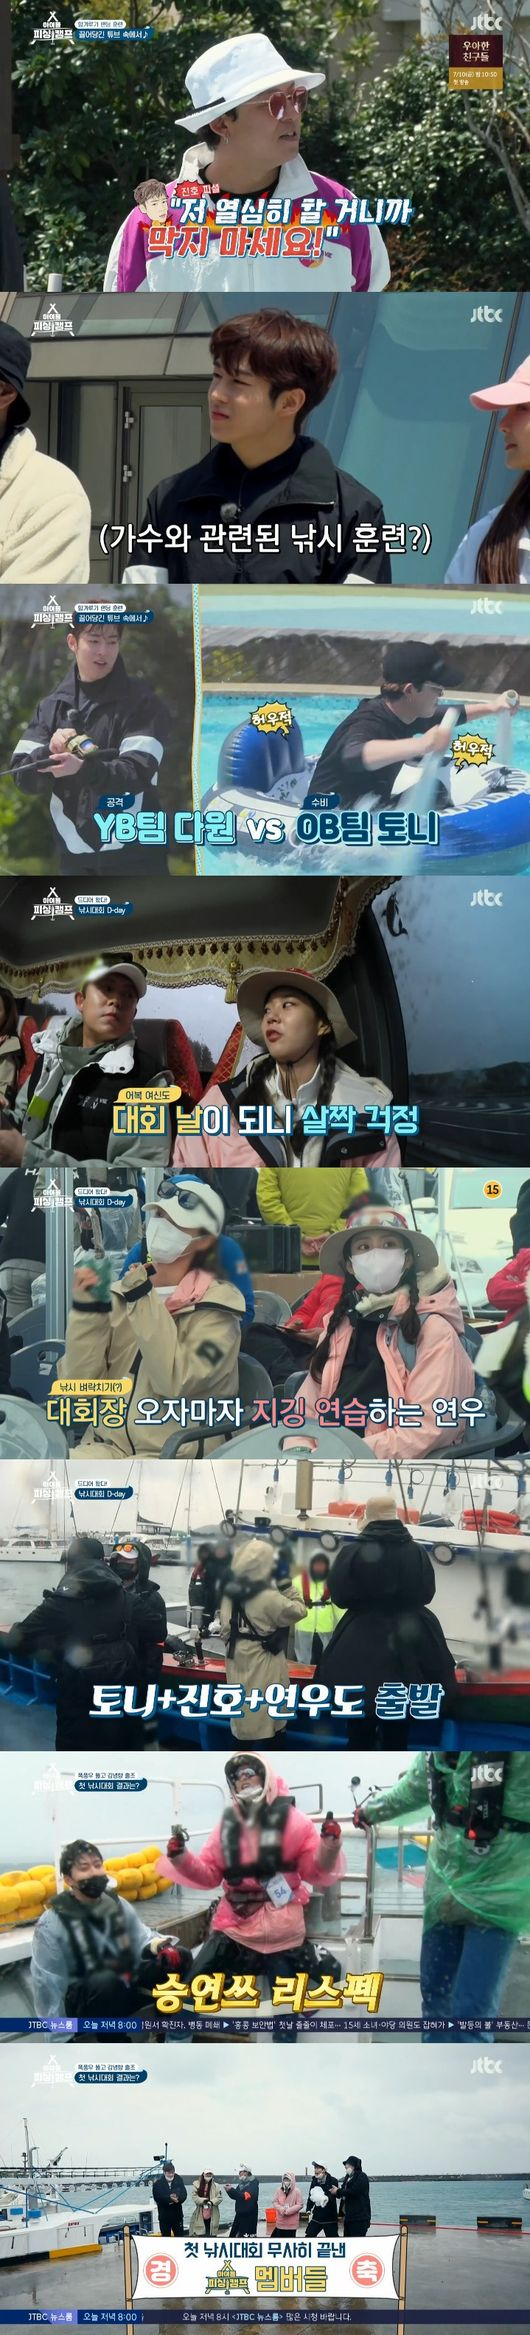 '아이돌 피싱캠프' 한승연, 70.6cm 부시리 잡으며 지깅 낚시 대회 입상 '유종의 미'